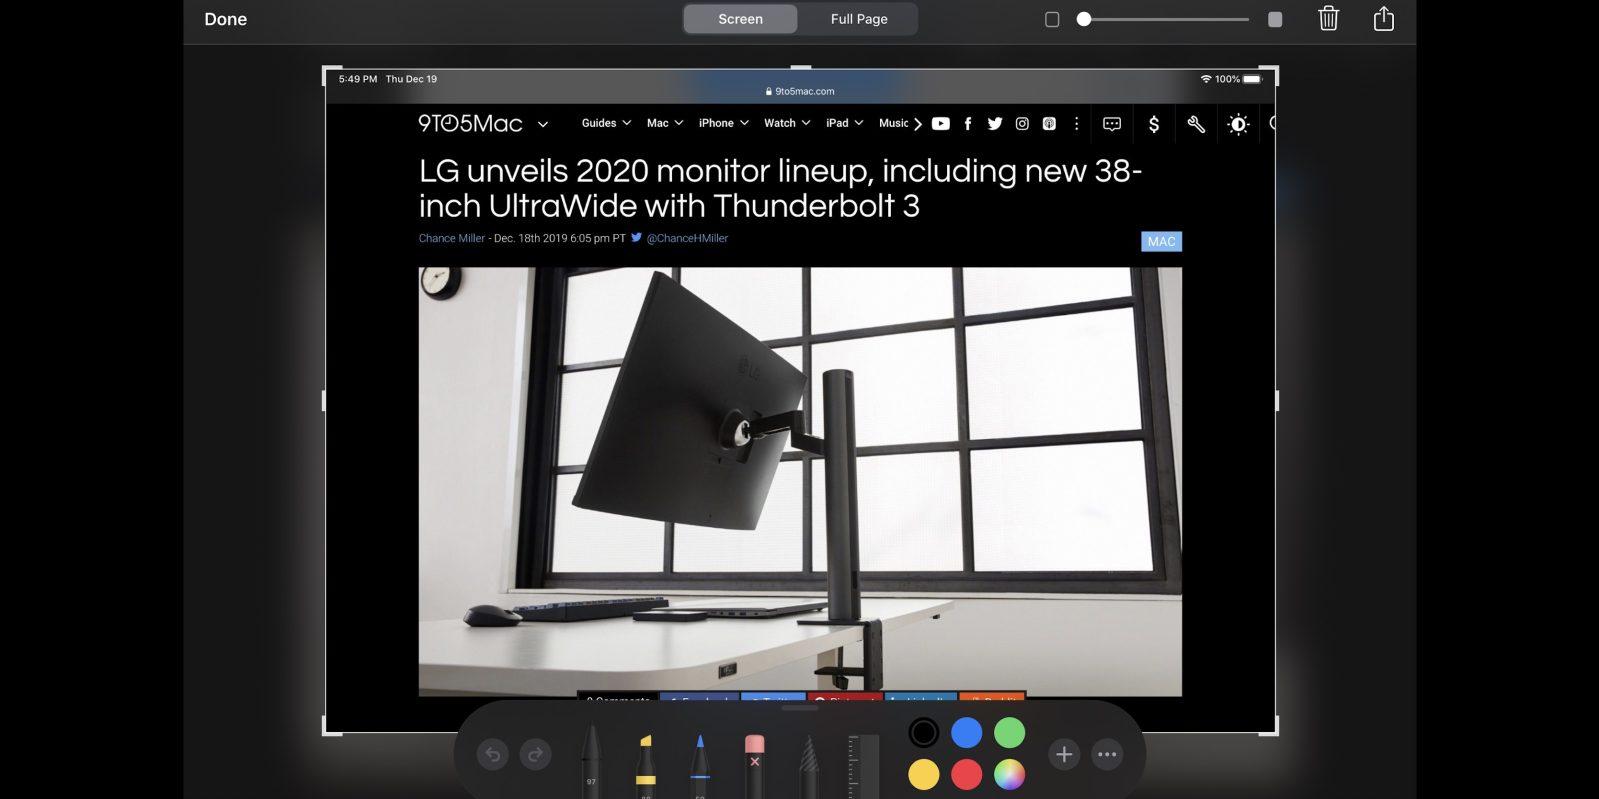 如何在 iPad 上使用 Apple Pencil 截图?